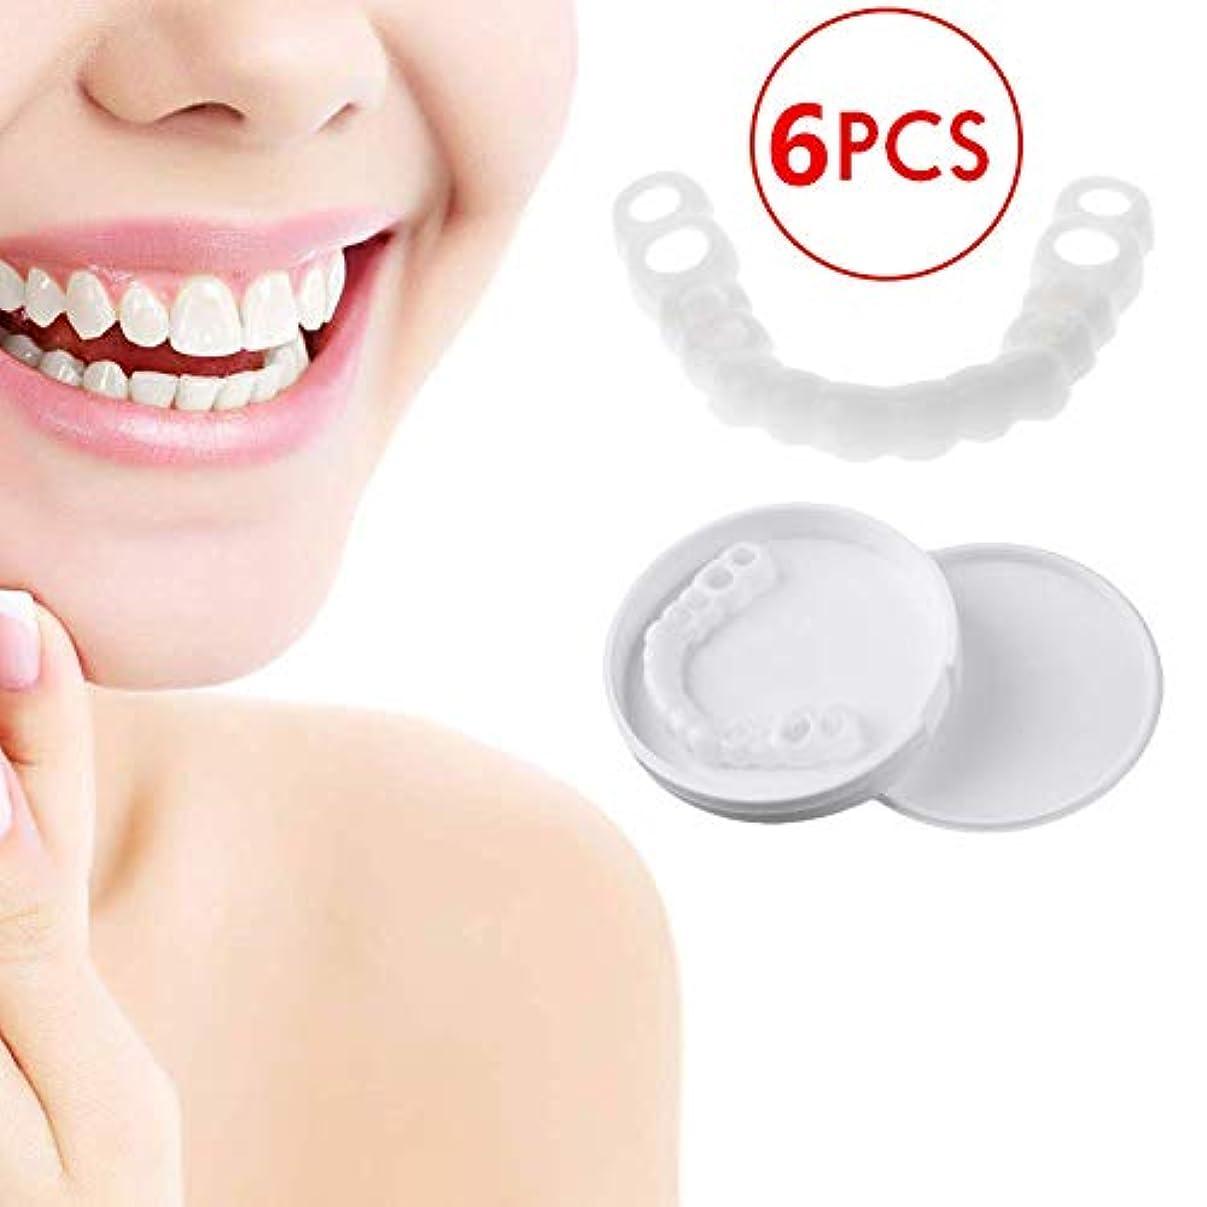 規制する味わう暫定の6ペアの一時的な歯のホワイトニング、変装した曲がった/ステンド/欠落したギャップのある歯のカバー,6pcsupperteeth